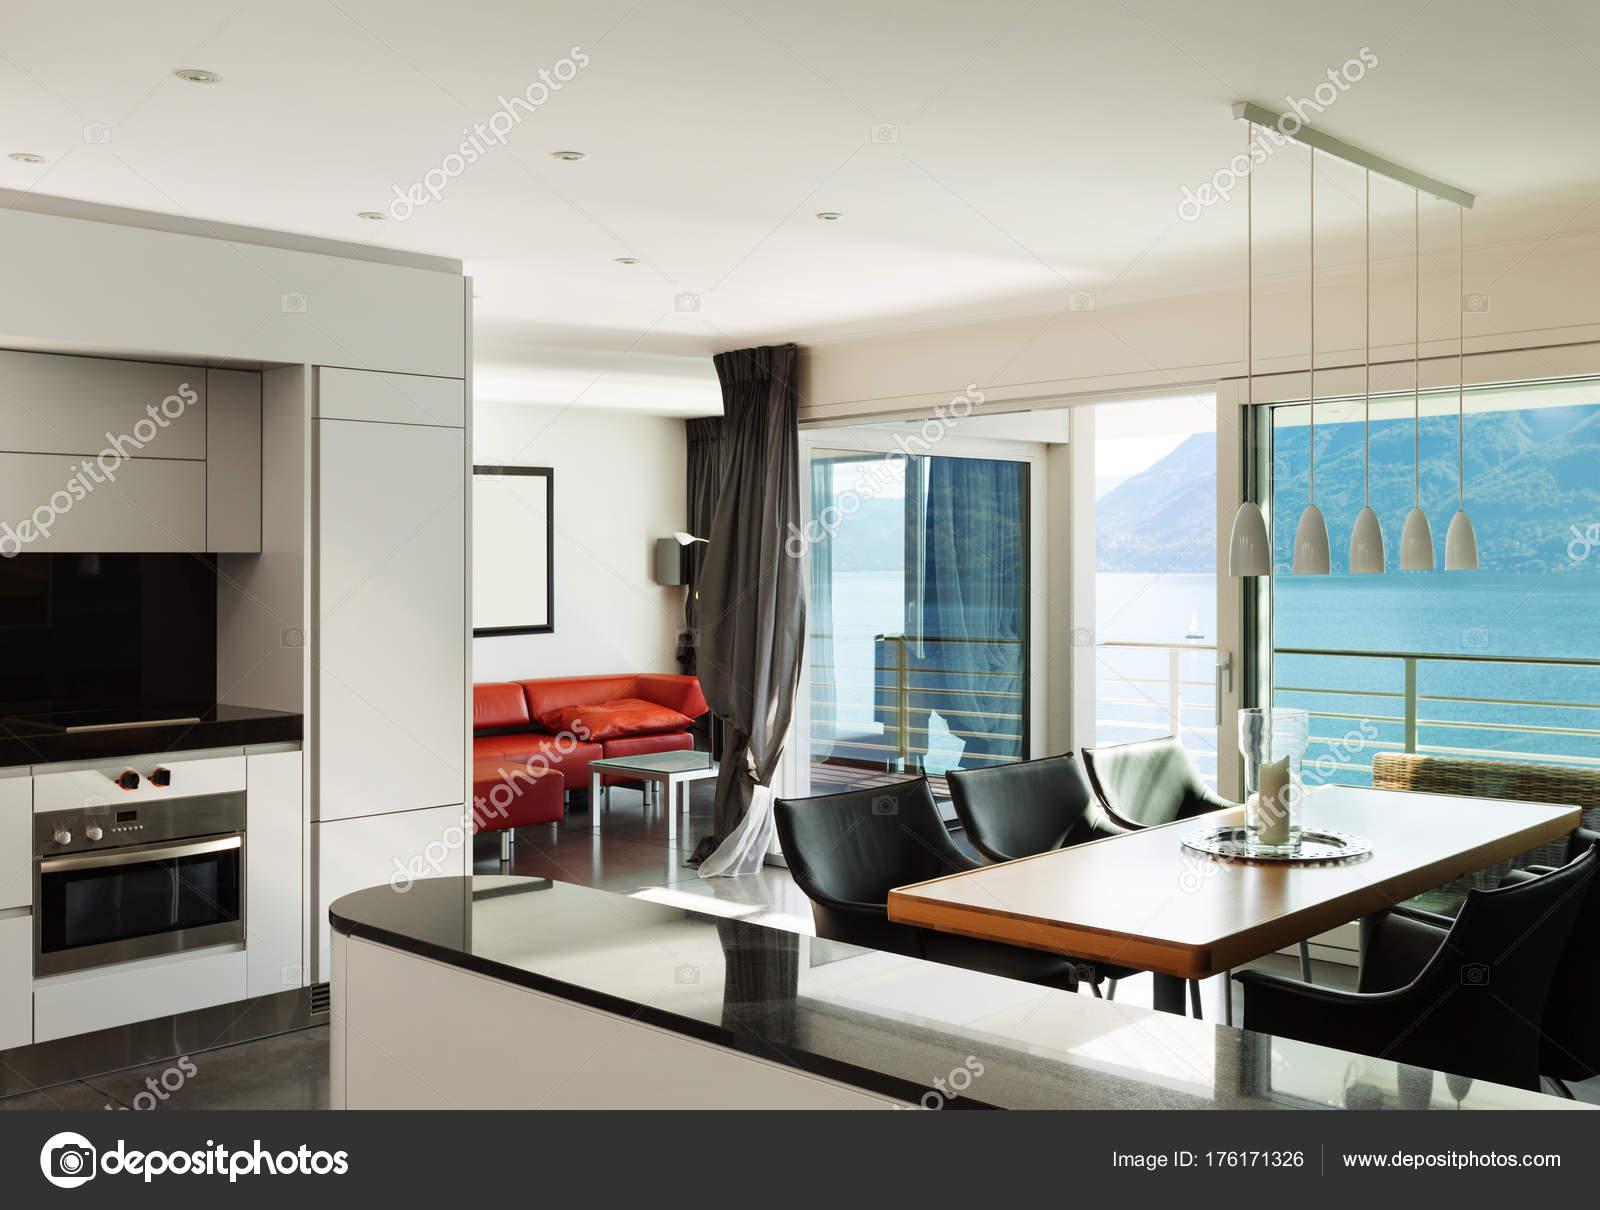 Interieur, schöne moderne Wohnung — Stockfoto © Zveiger #176171326